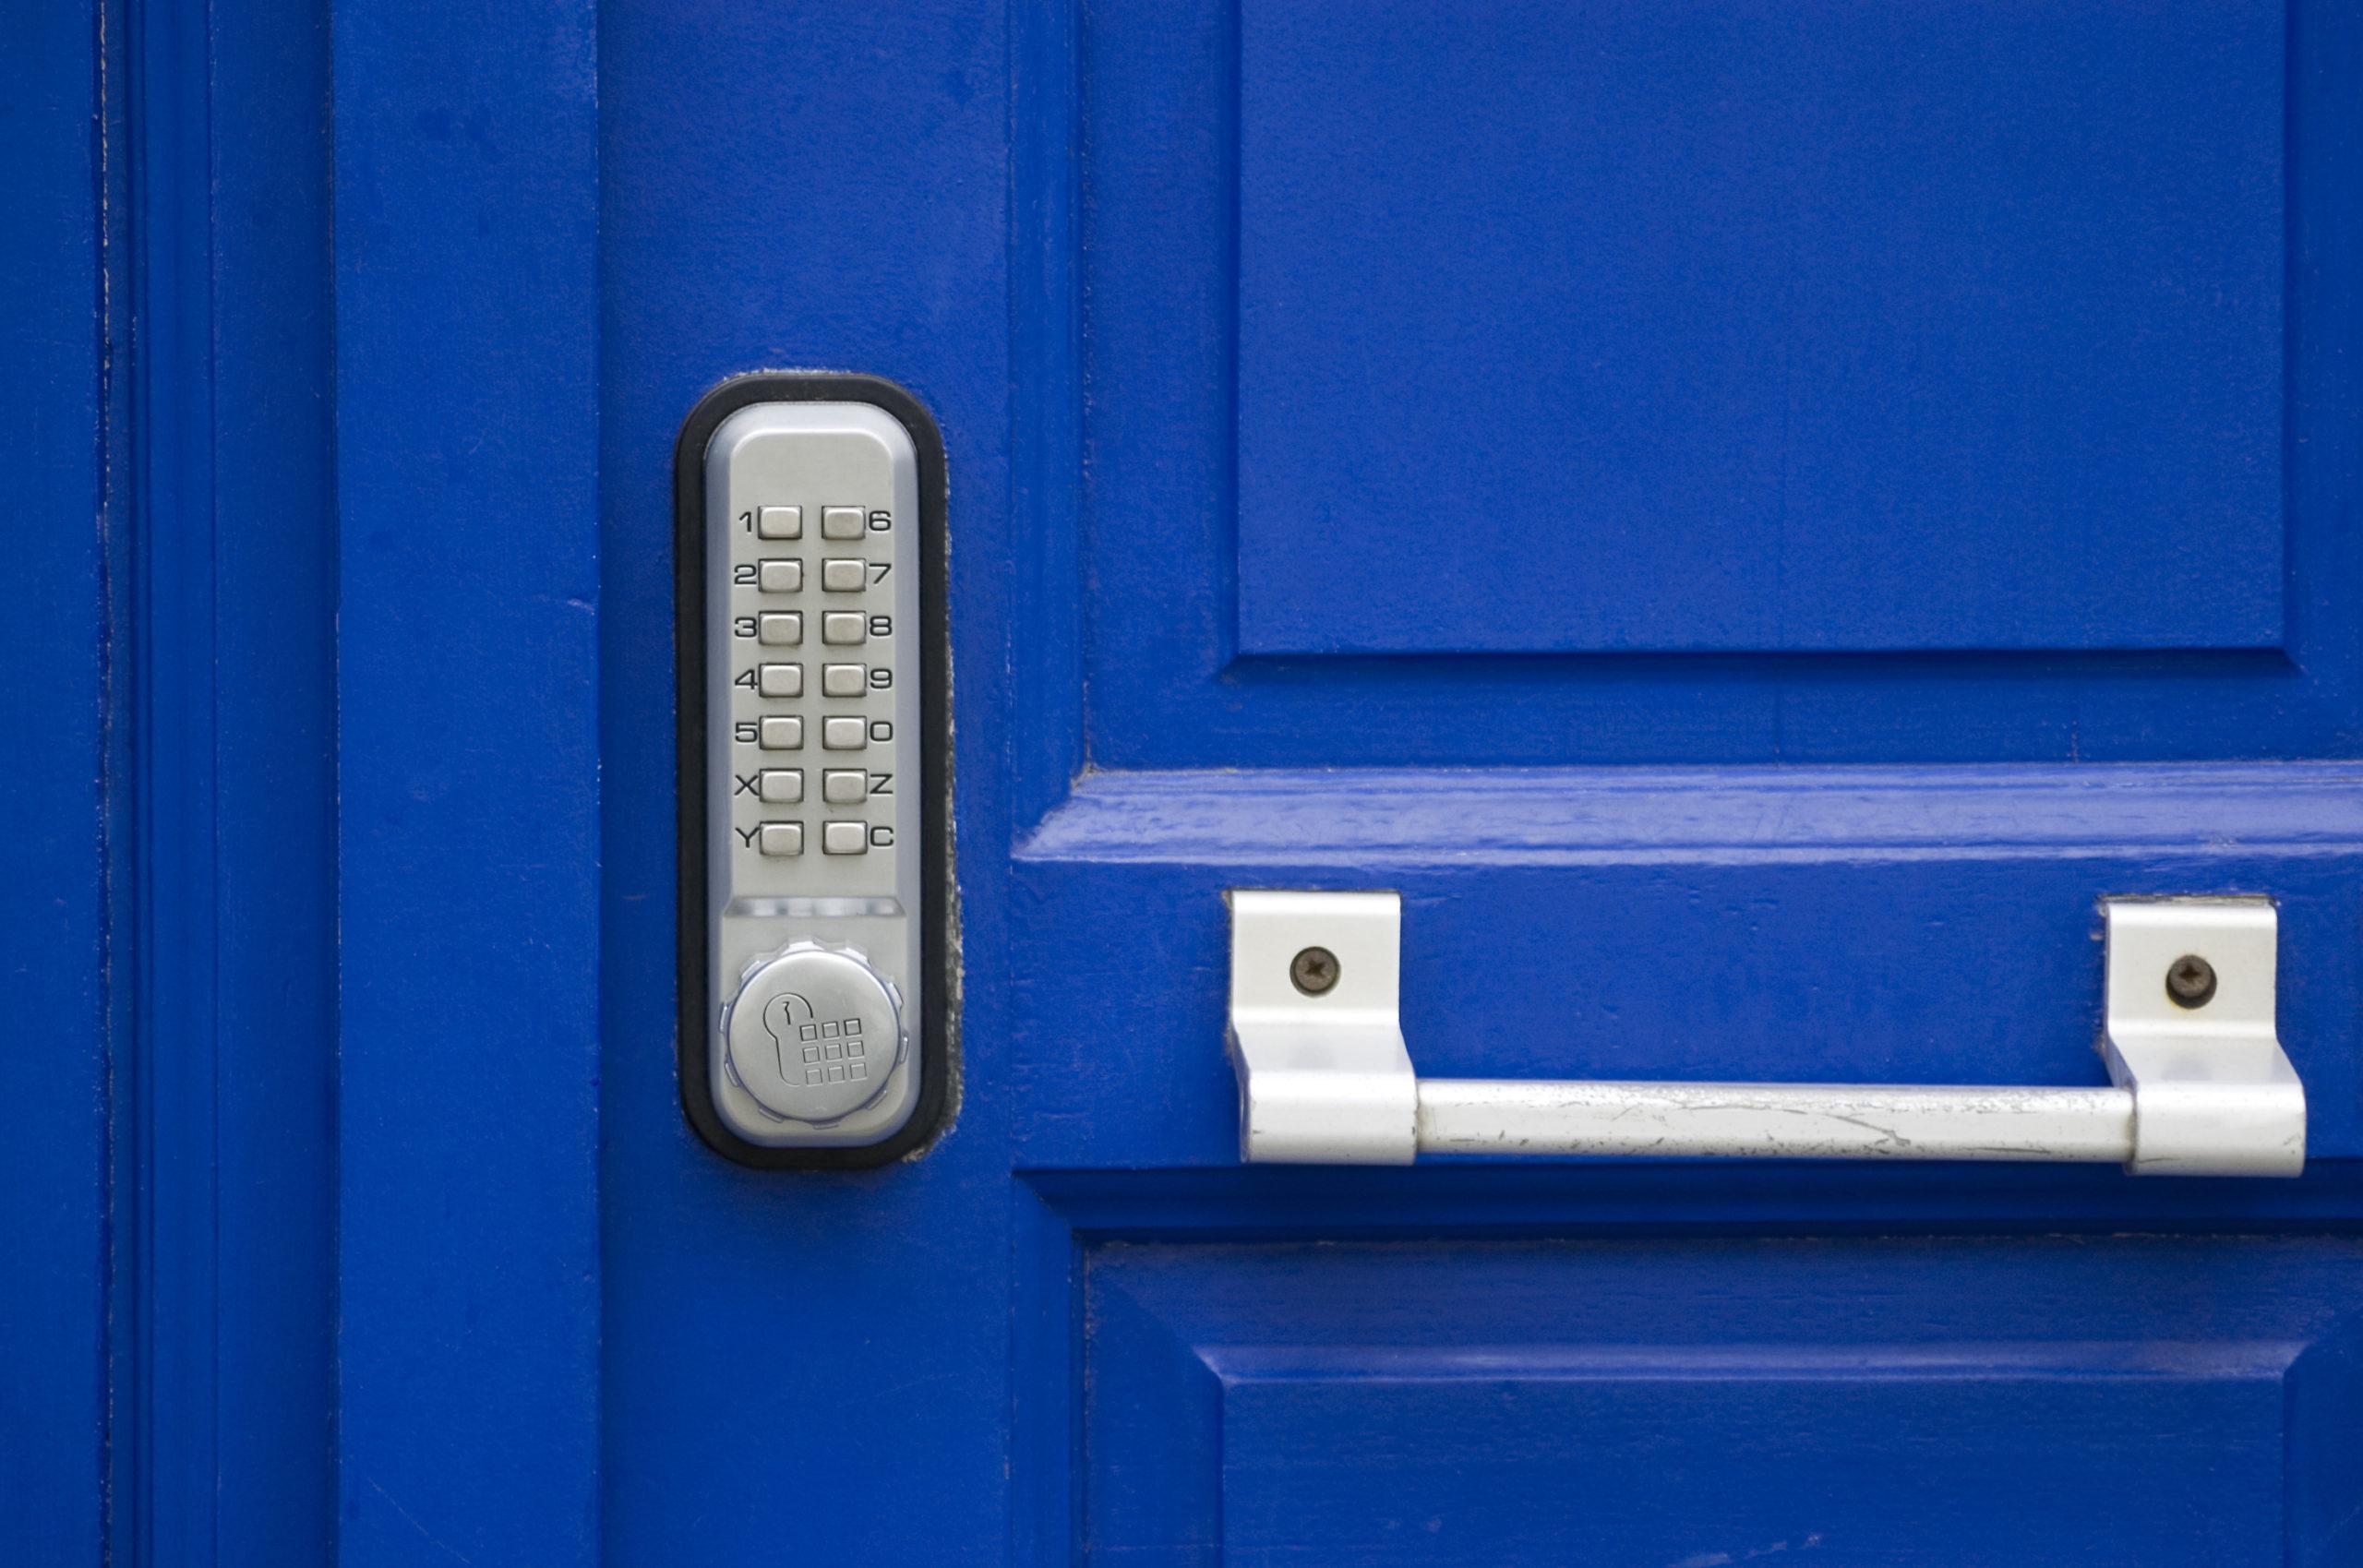 keyless-entry-system-rental-property